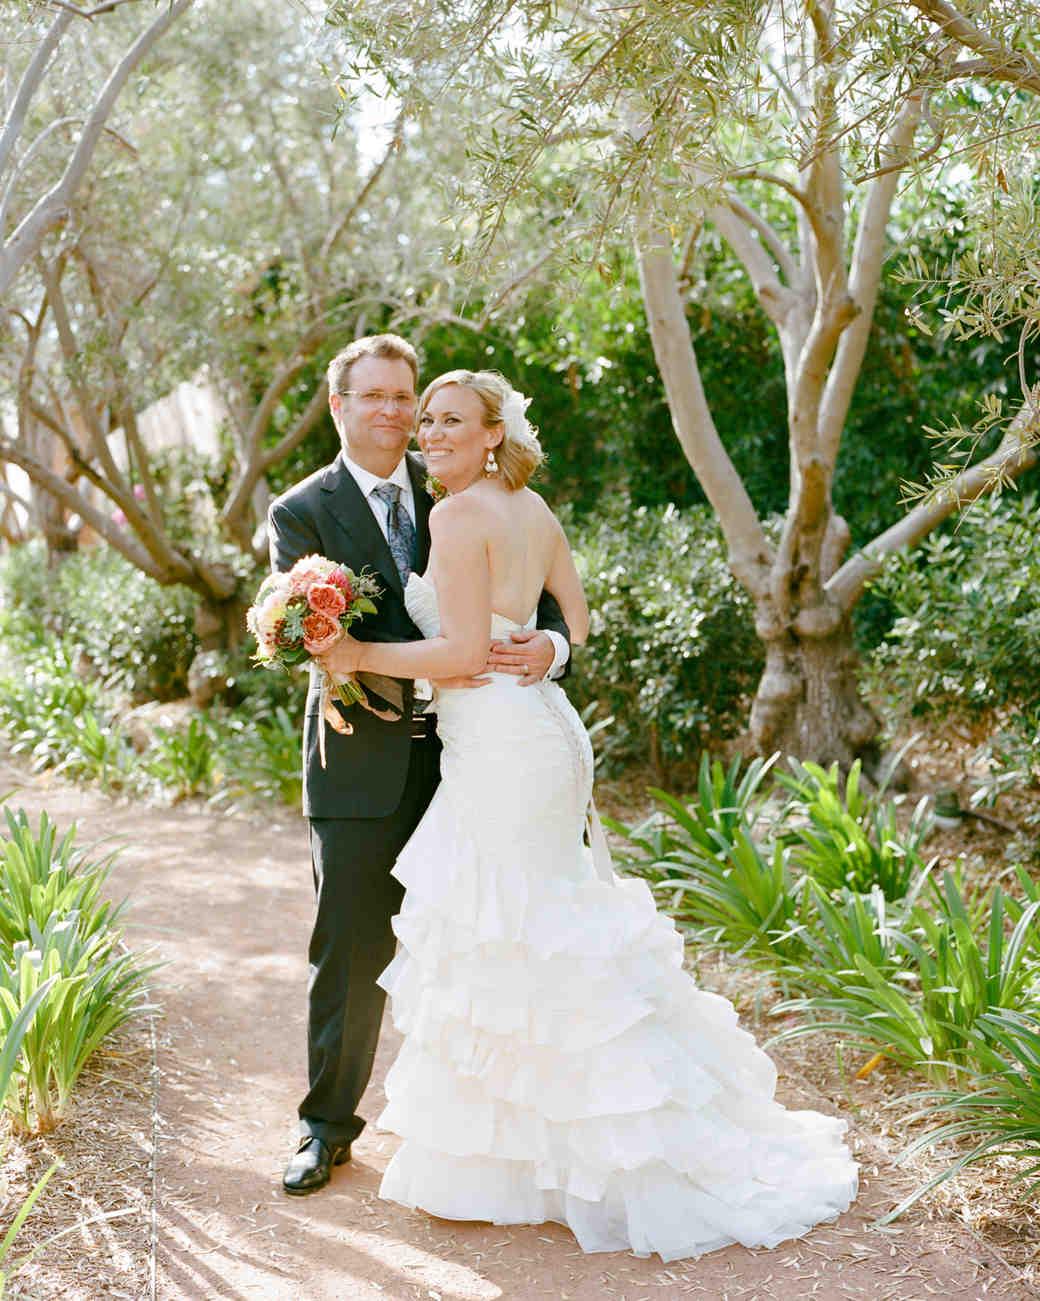 liz-allen-wedding-couple-0170-s111494-0914.jpg